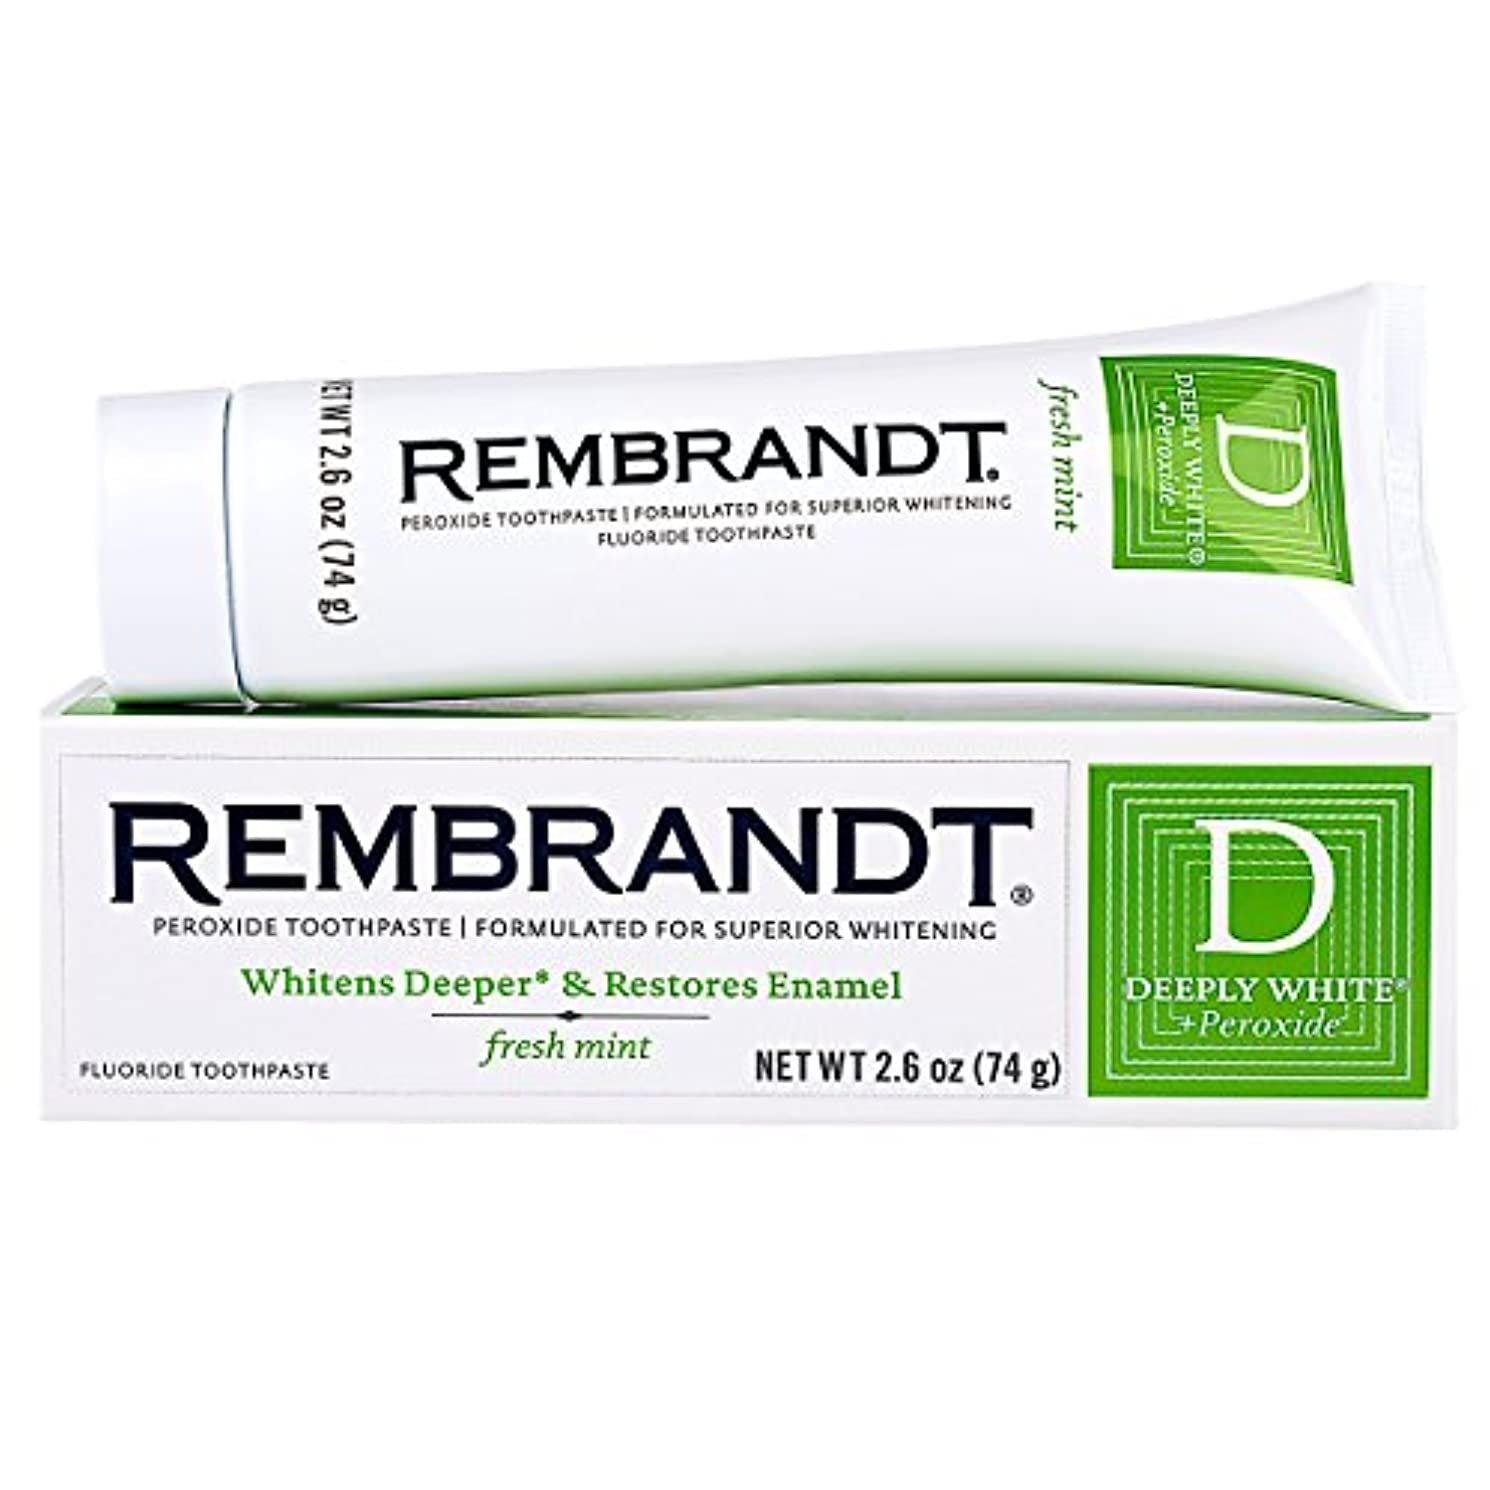 私達ふざけた回答Rembrandt フッ化物に深くホワイト+過酸化物ホワイトニング歯磨き、フレッシュミント2.6オンス(8パック)